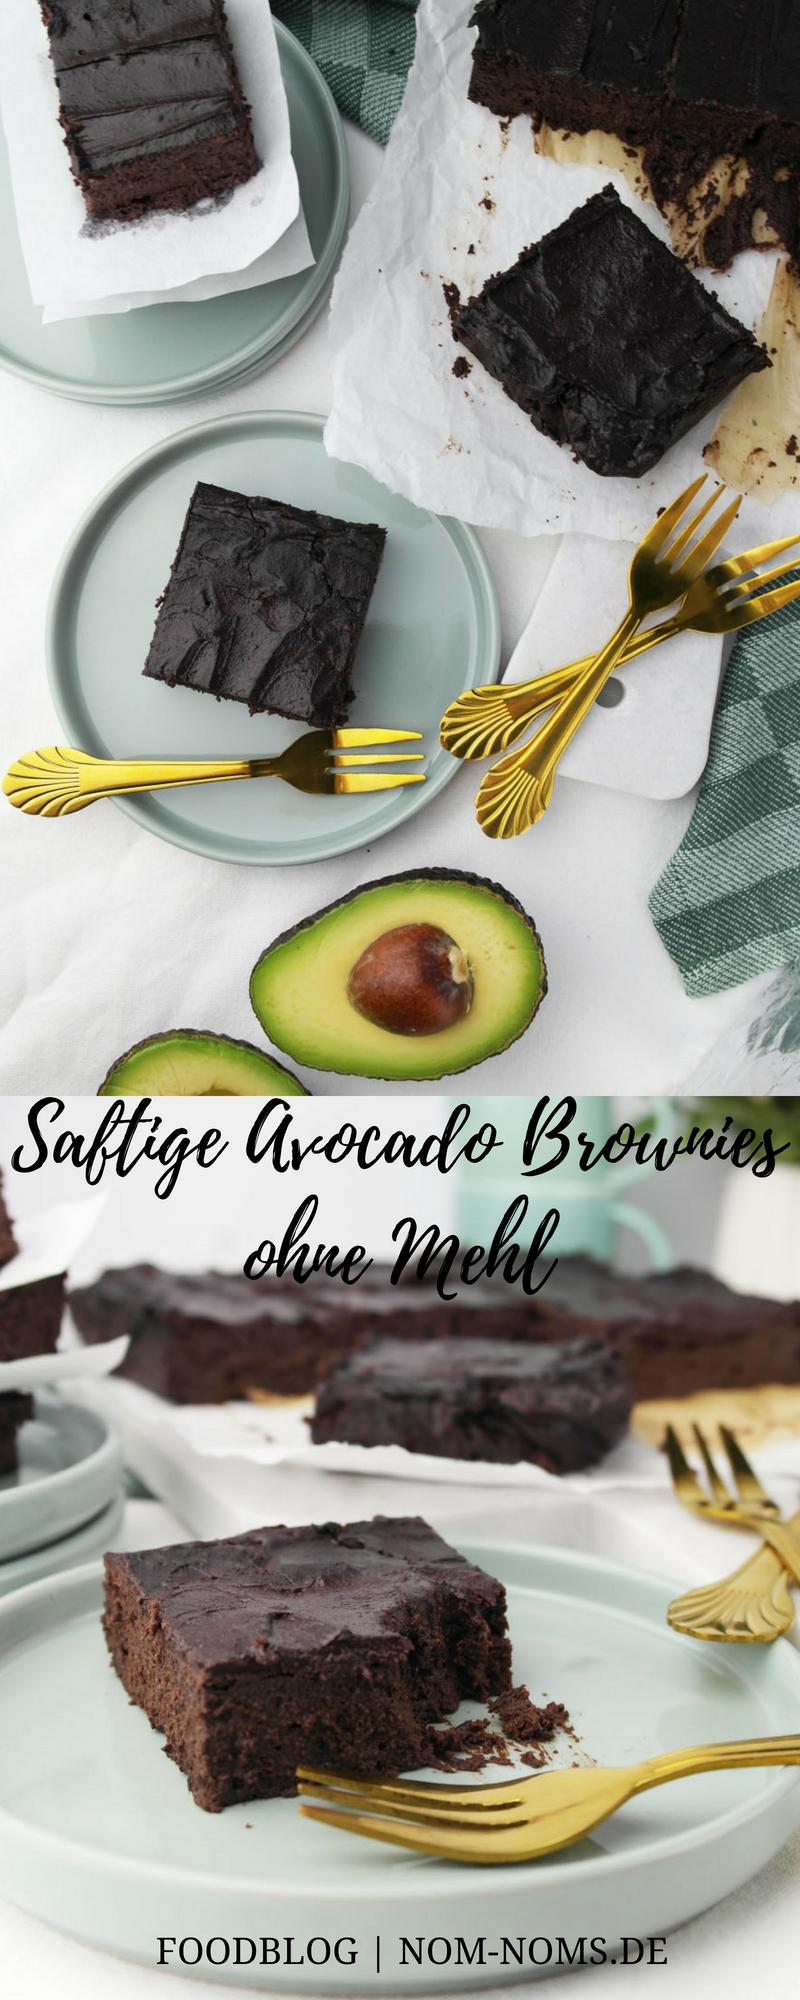 Saftige Avocado Brownies ohne Mehl | vegetarisch | glutenfrei